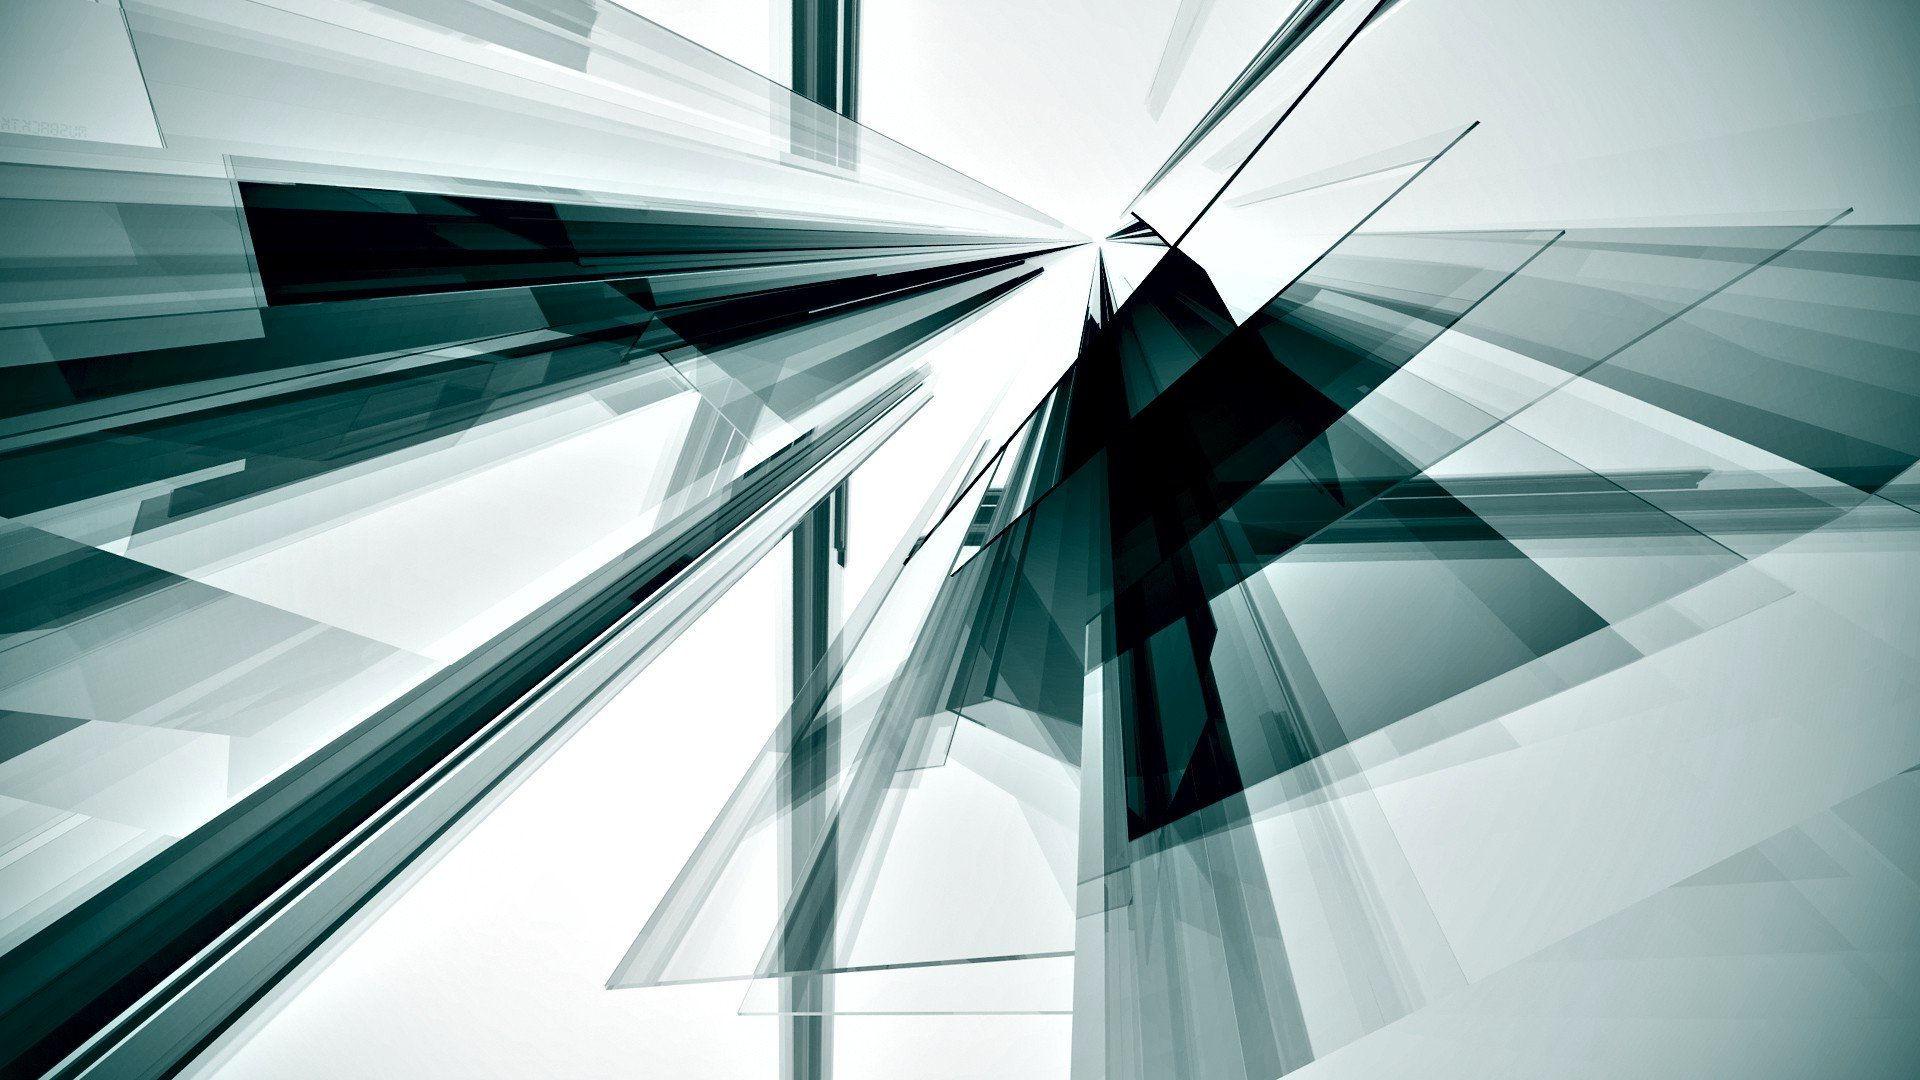 Hervorragend Fonds D'écran Abstrait 3d - MaximumWallHD DY69